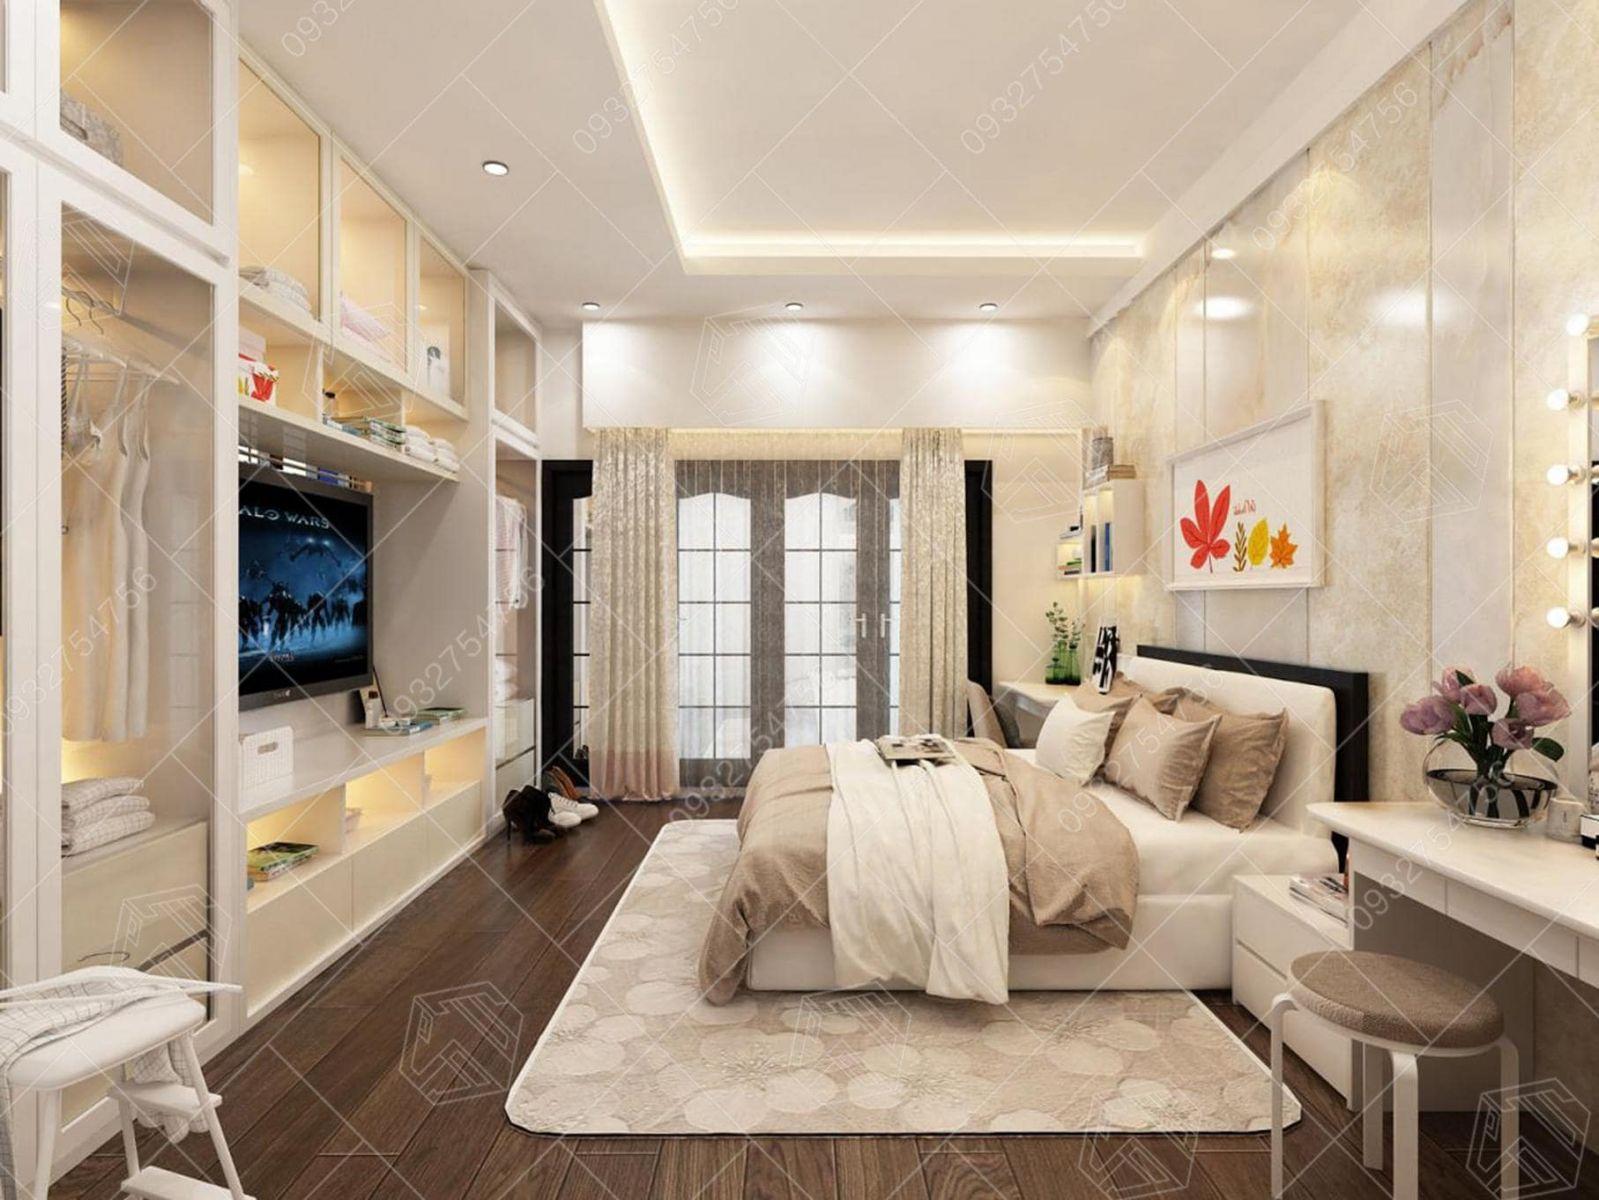 thiết kế thi công căn hộ chung cư hoàng gia